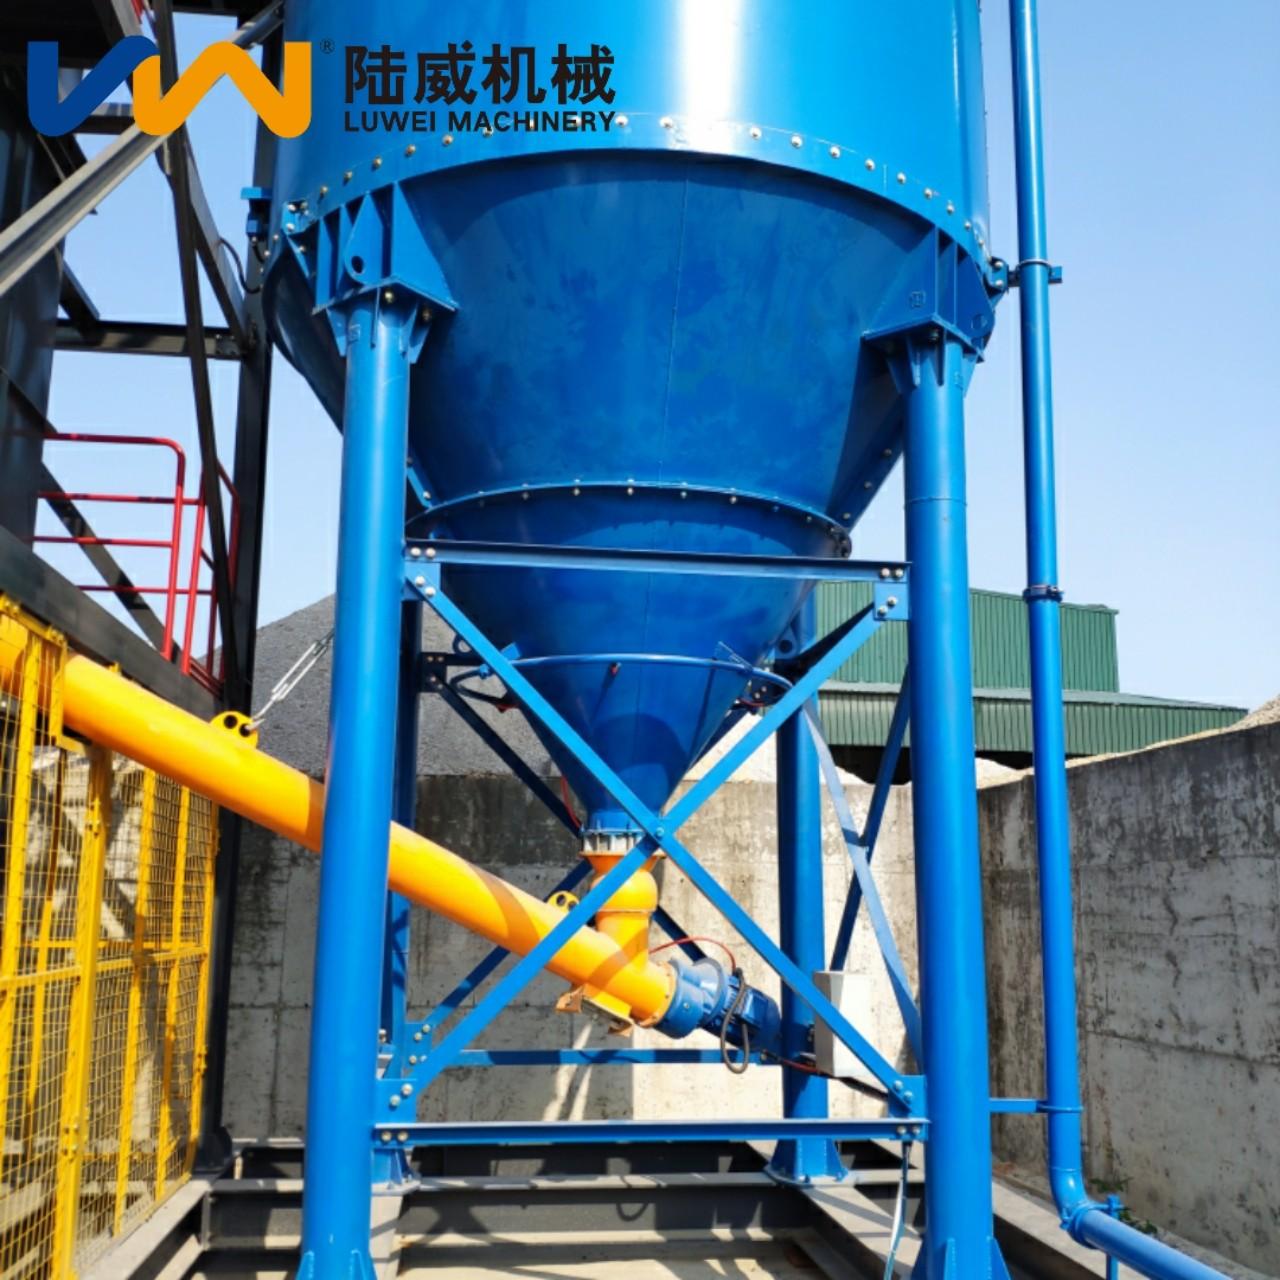 50吨水泥仓厂家直销 水泥仓 水泥罐生产厂家 搅拌站配套水泥罐 水泥仓